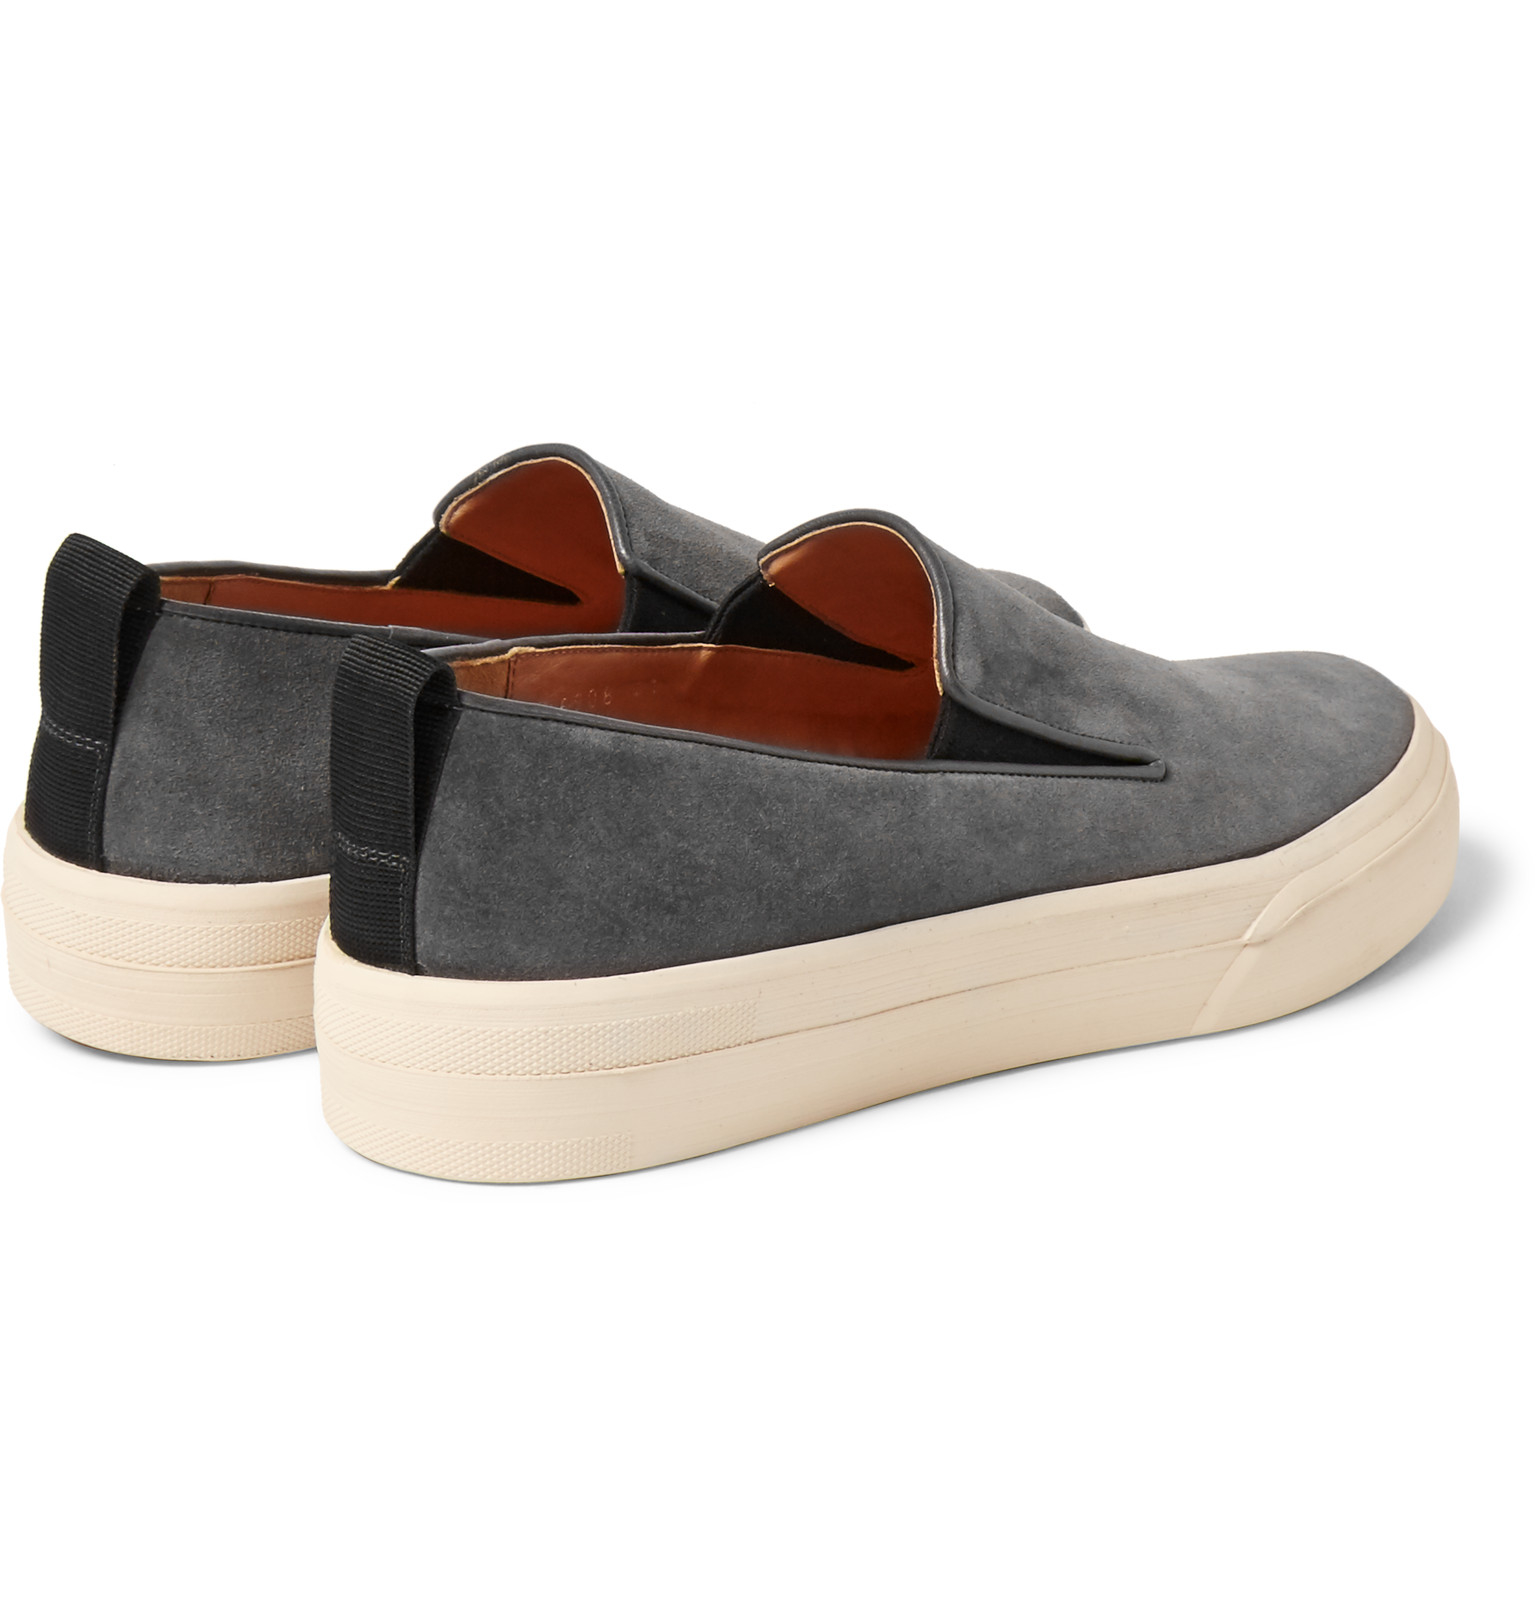 c1b8f8c1821 Dries Van Noten Suede Slip-on Sneakers in Gray for Men - Lyst